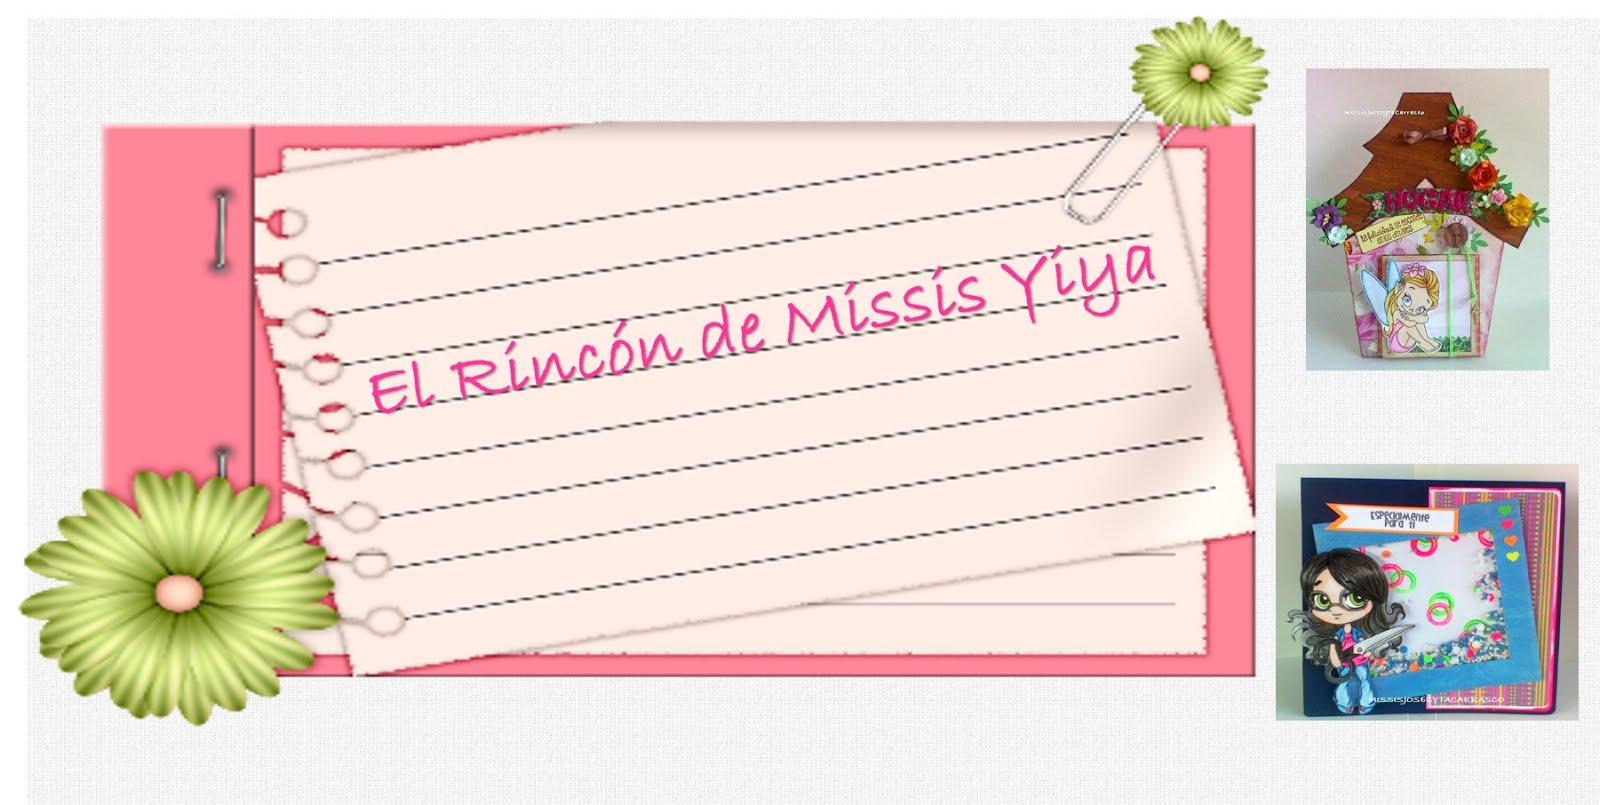 El Rincón de Missis Yiya